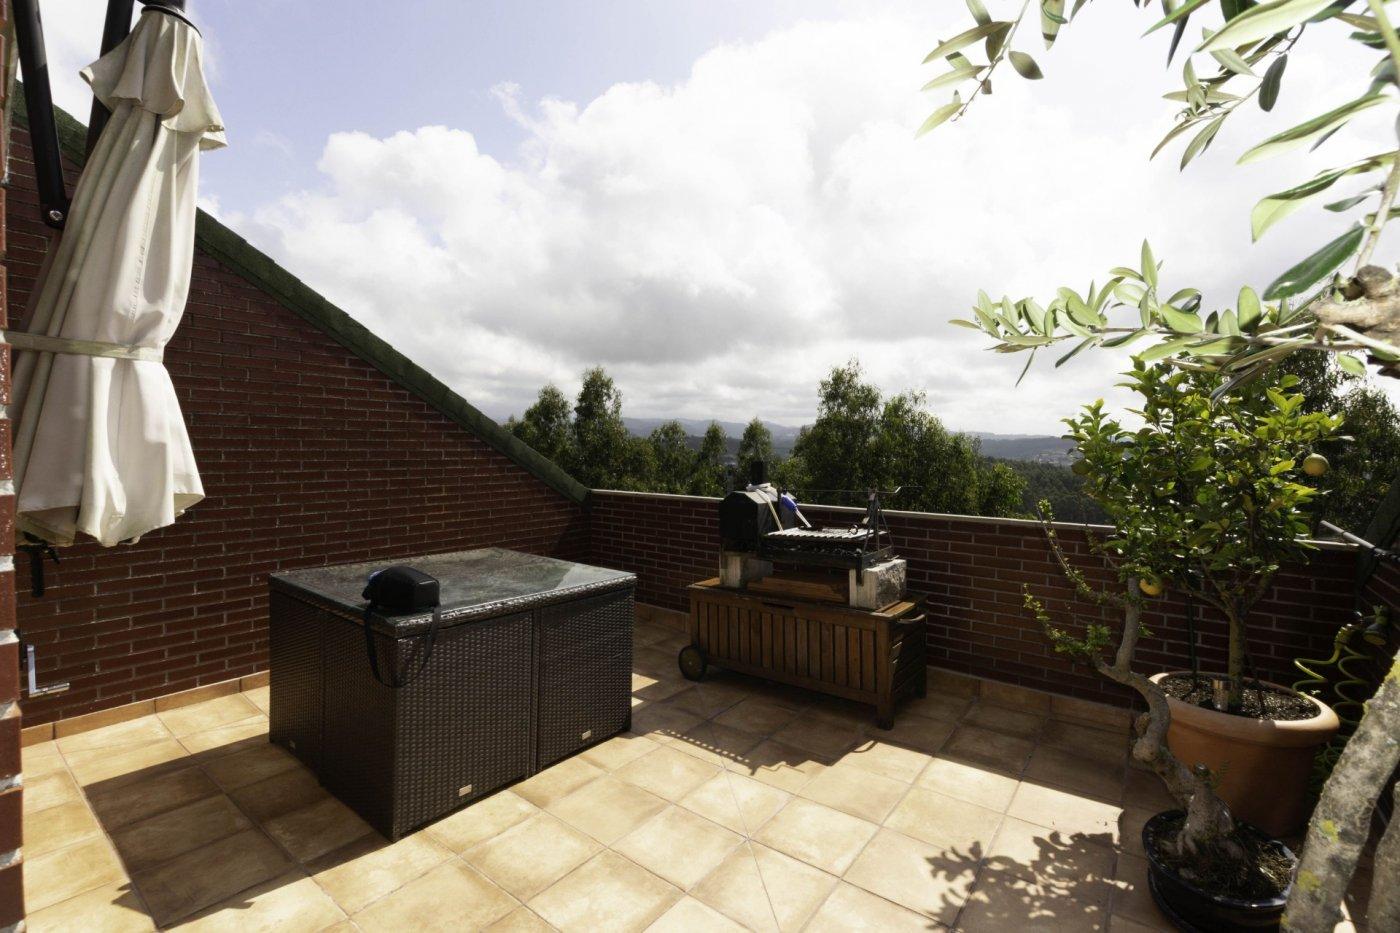 Ático con terraza de 11 m2, a 2 km de salinas - imagenInmueble28